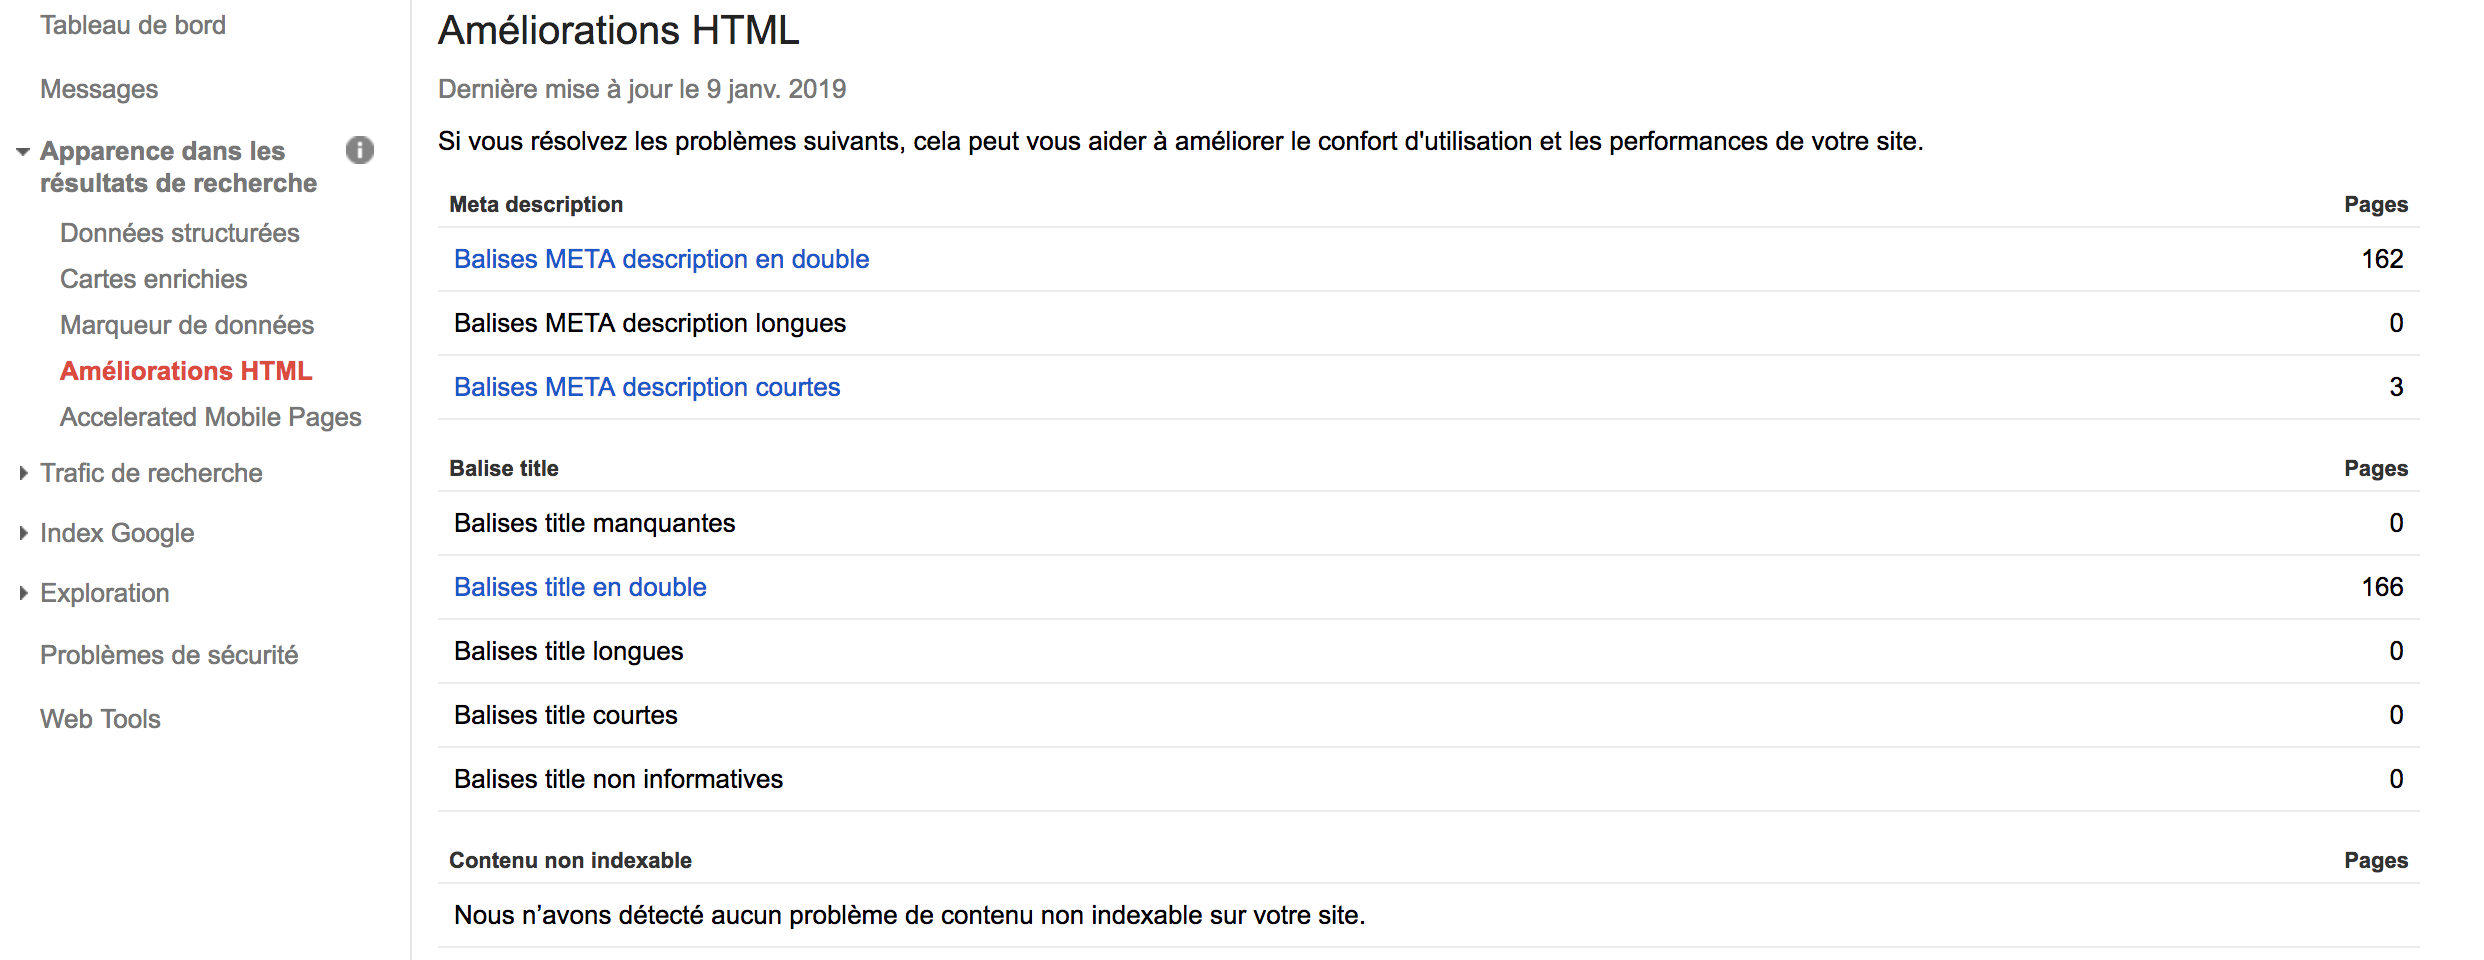 amelioration-html